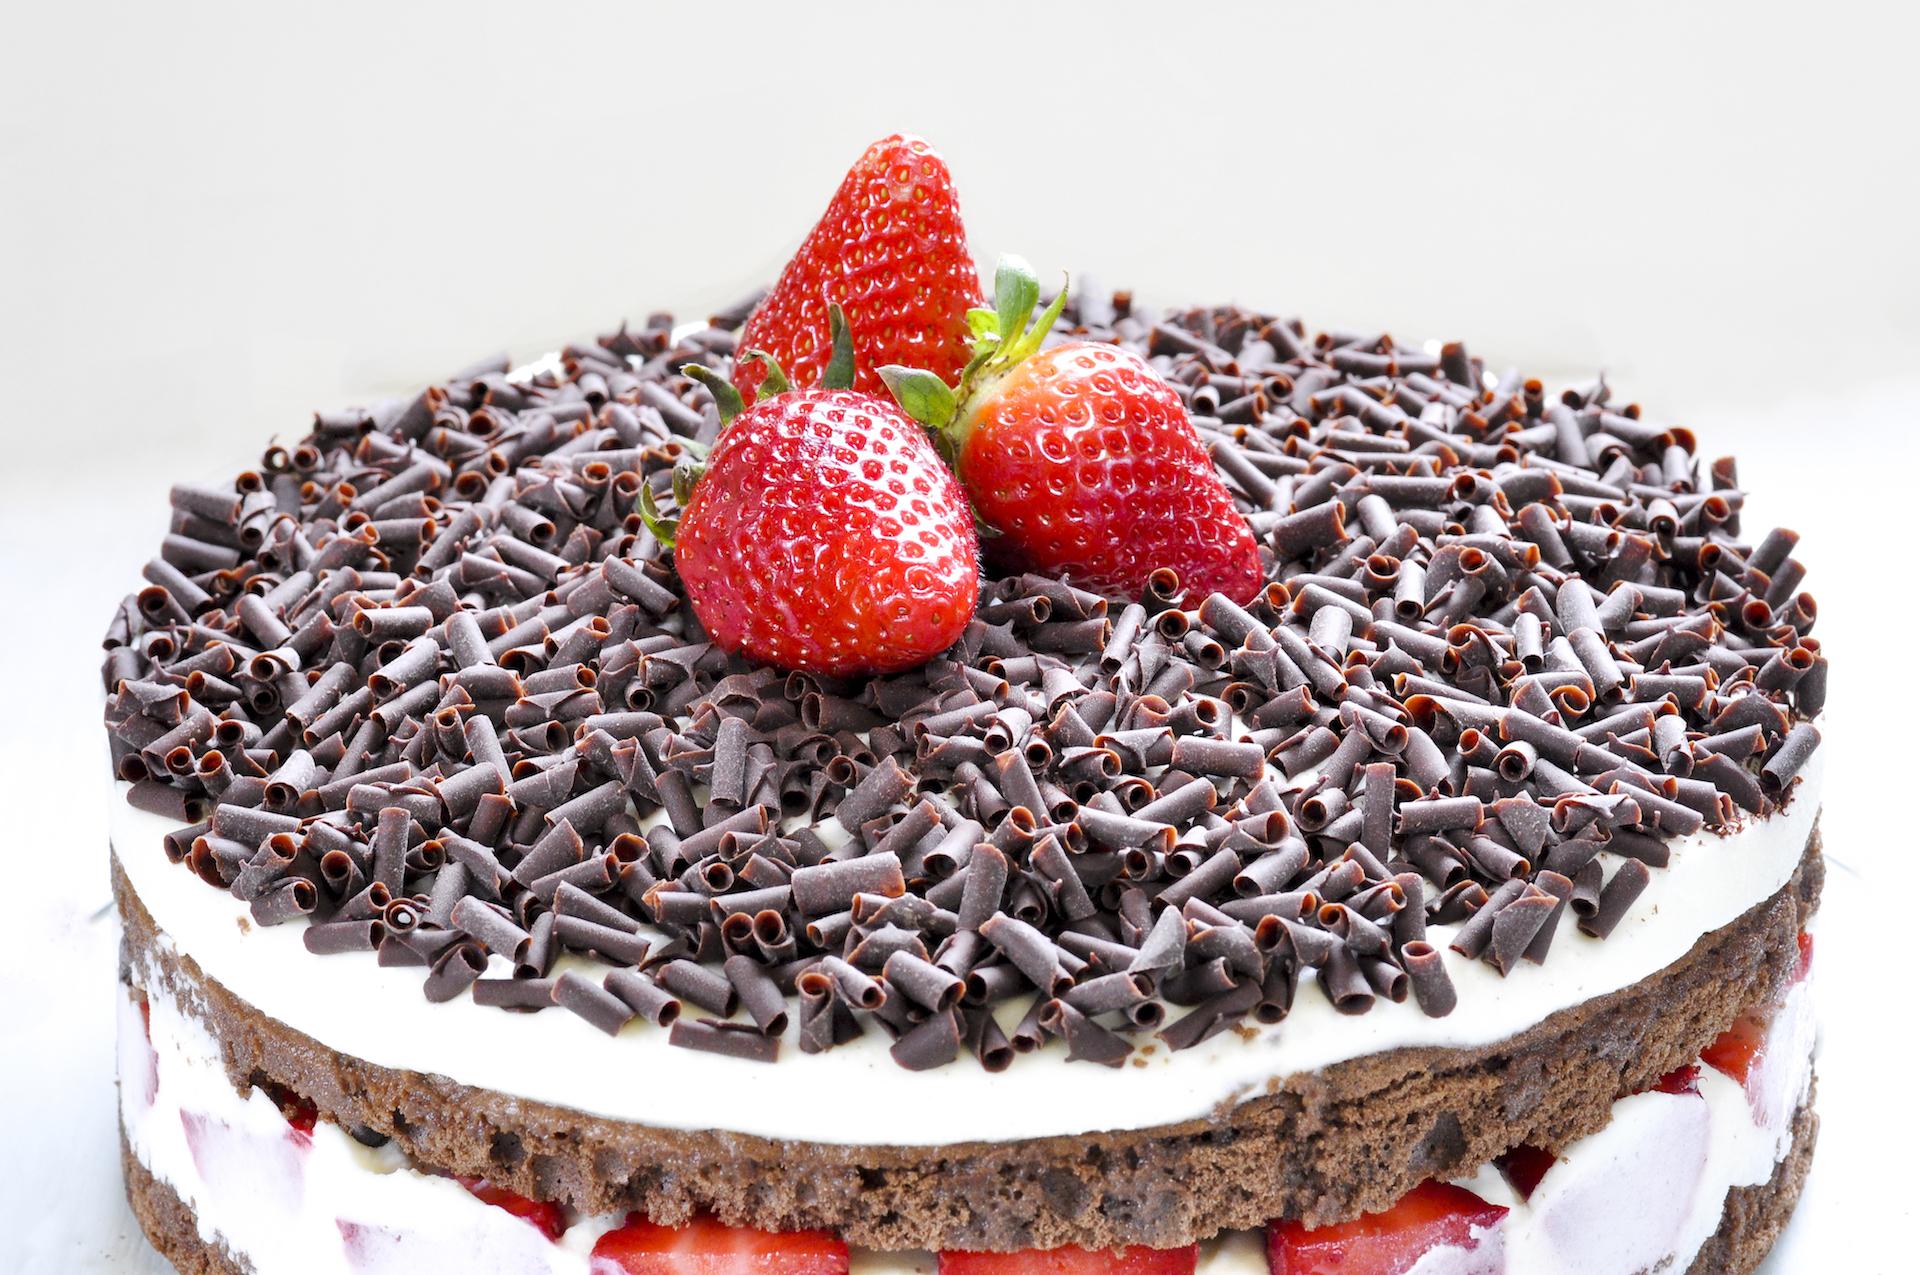 Ricetta Torta Al Cioccolato E Fragole.Il Battipanni Di Diamante La Torta Di Fragole E Cioccolato Con Videoricetta Pane Per I Tuoi Denti